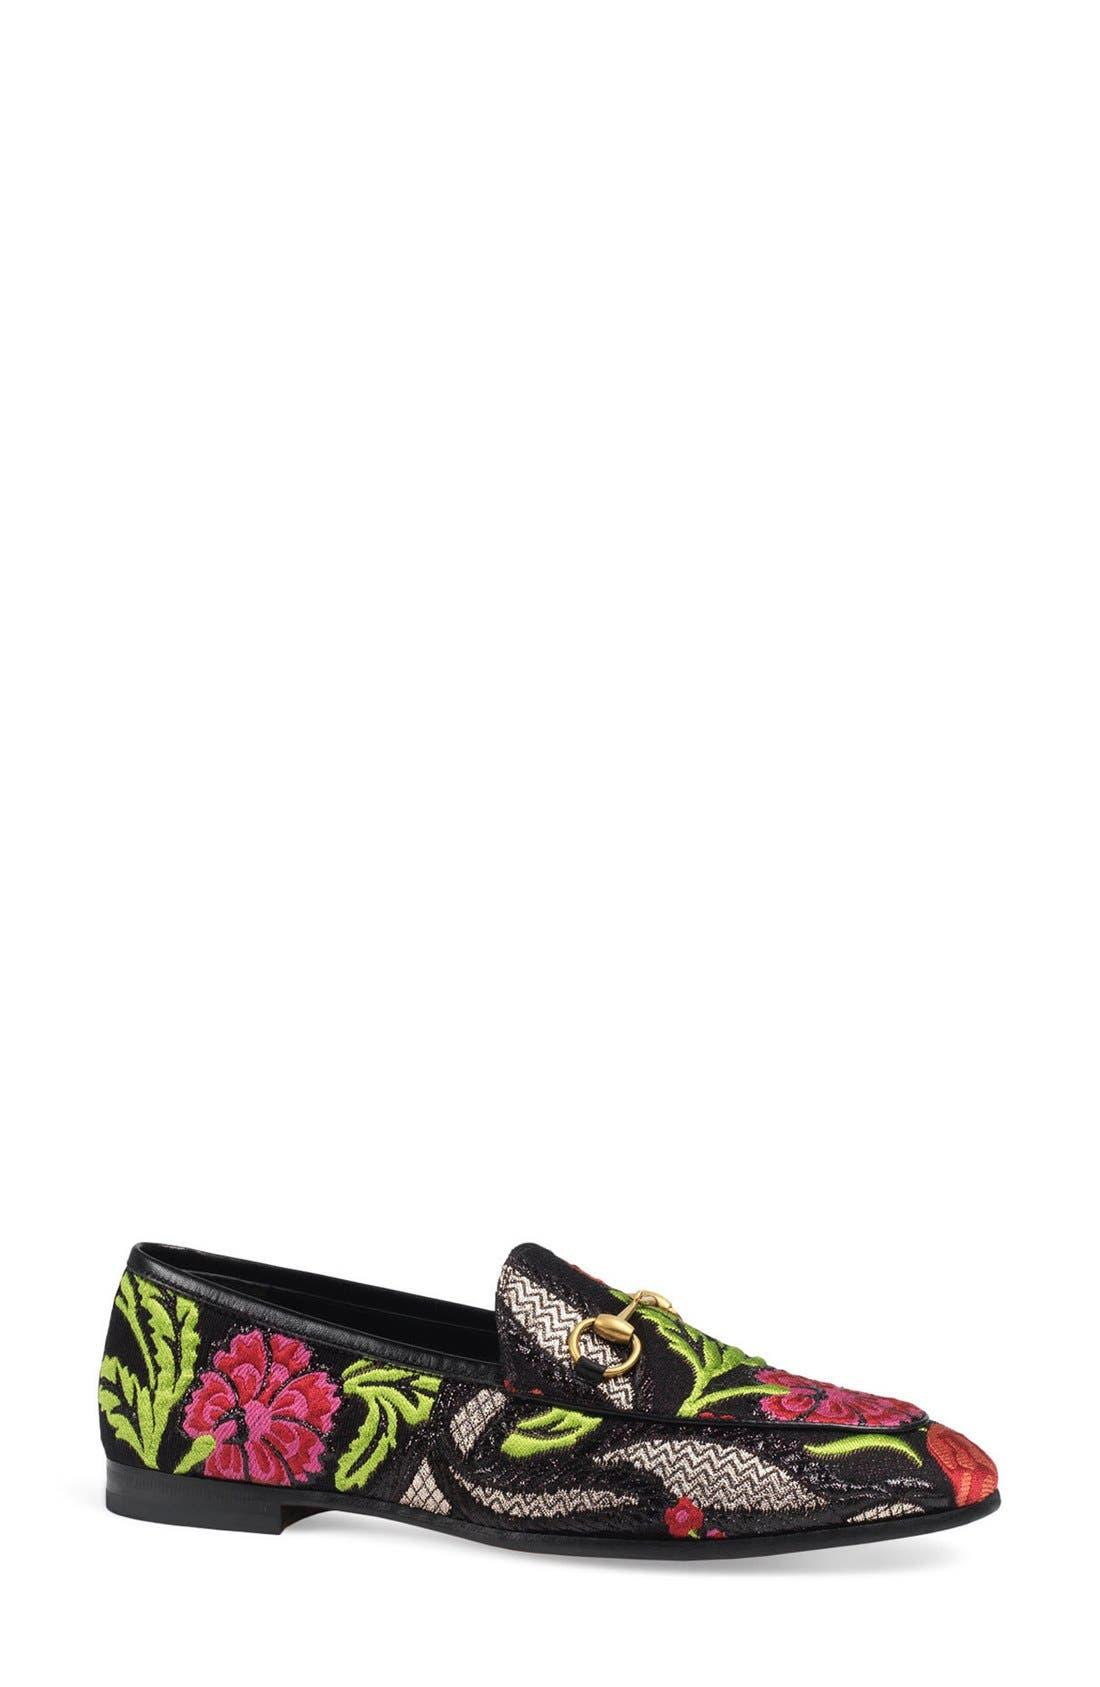 Main Image - Gucci 'Jordaan' Metallic Loafer (Women)